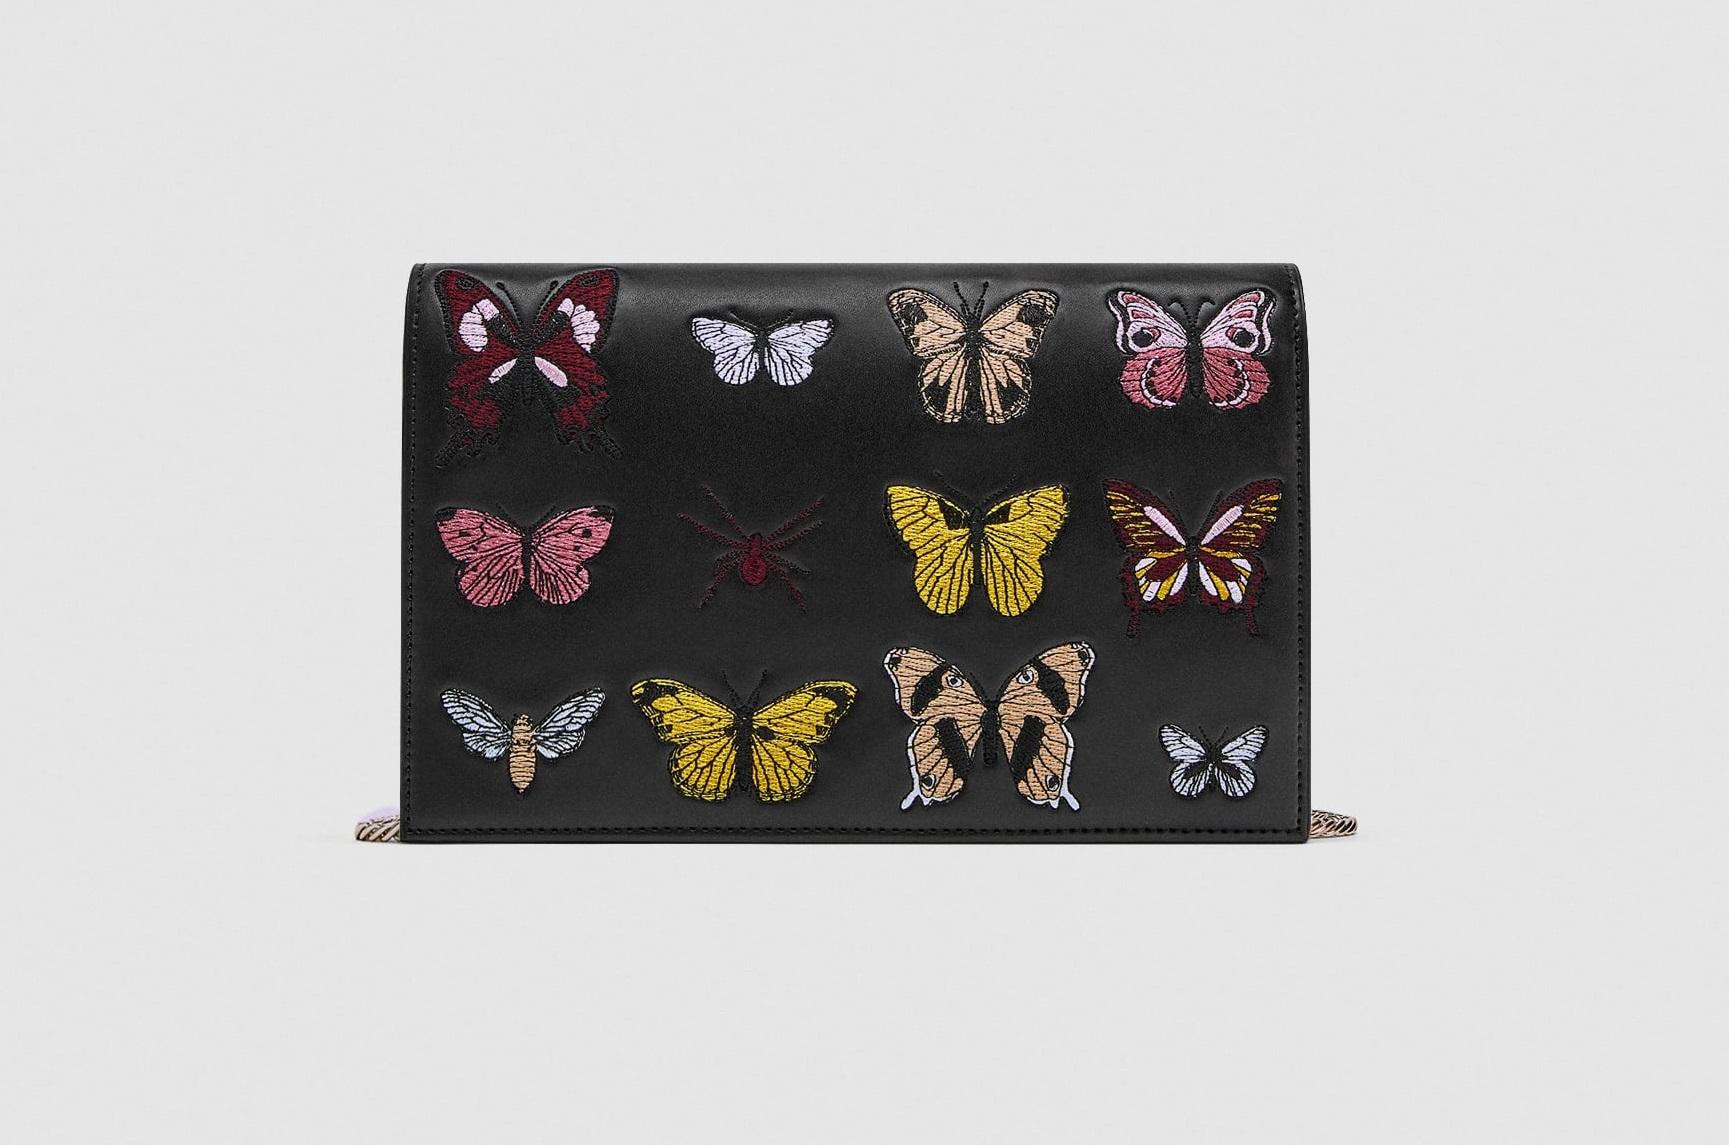 Borsa a tracolla con farfalle Zara collezione primavera estate 2018